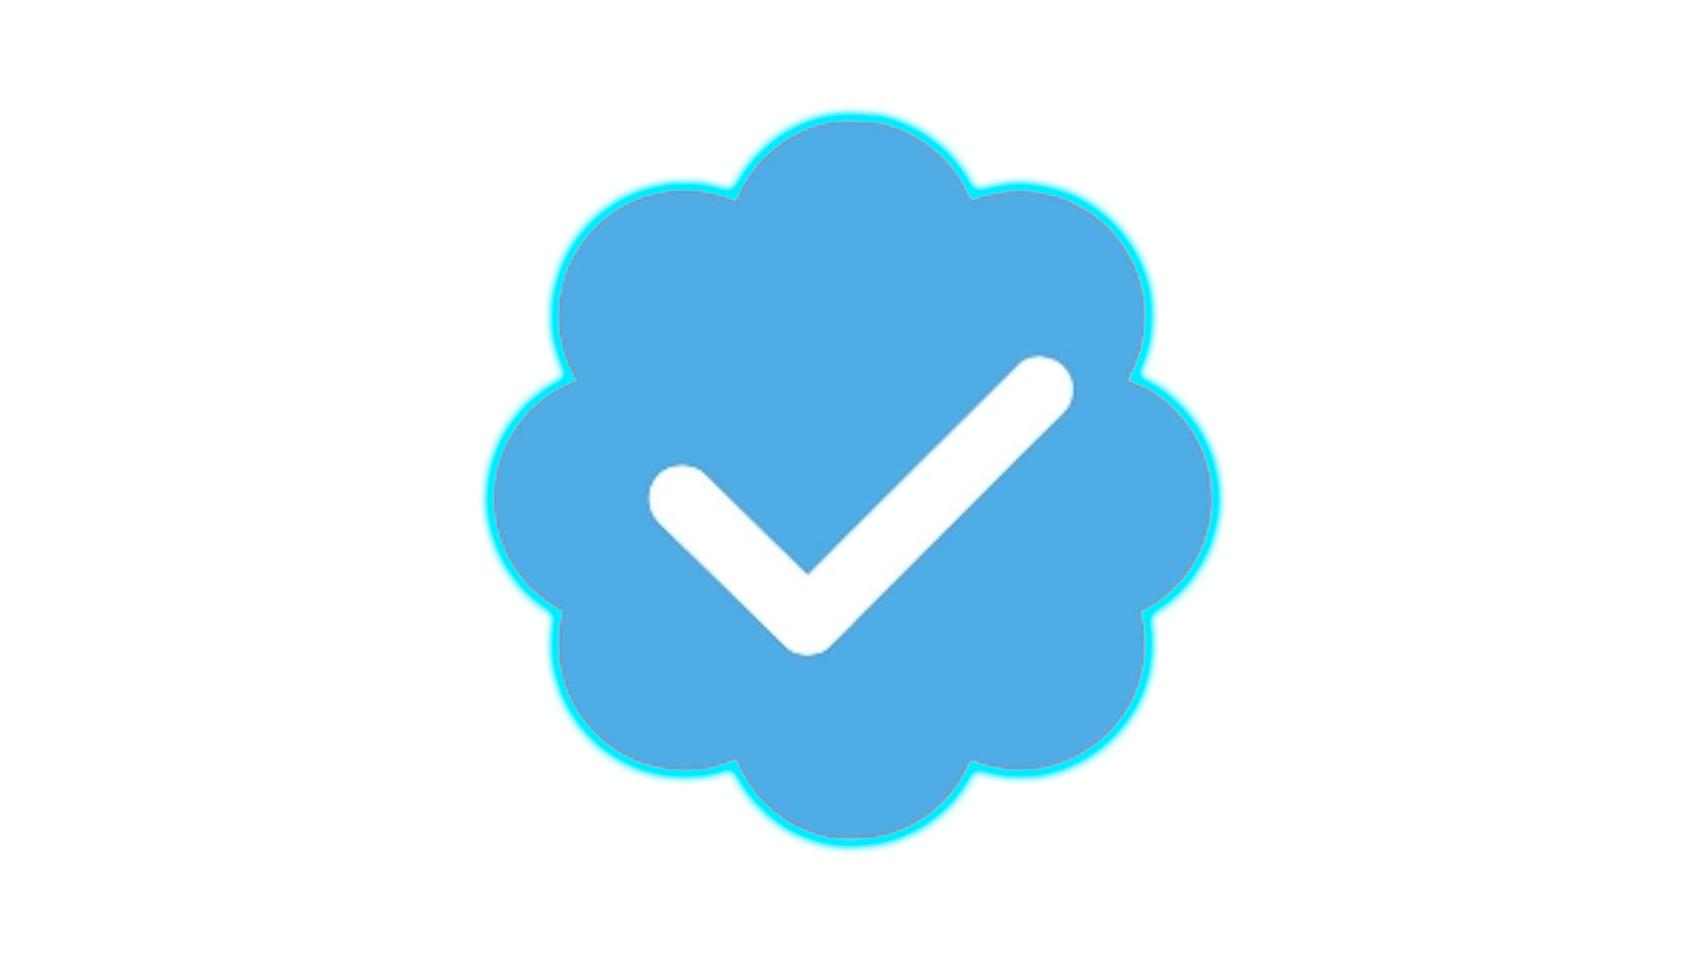 Logo de verificación de Twitter.